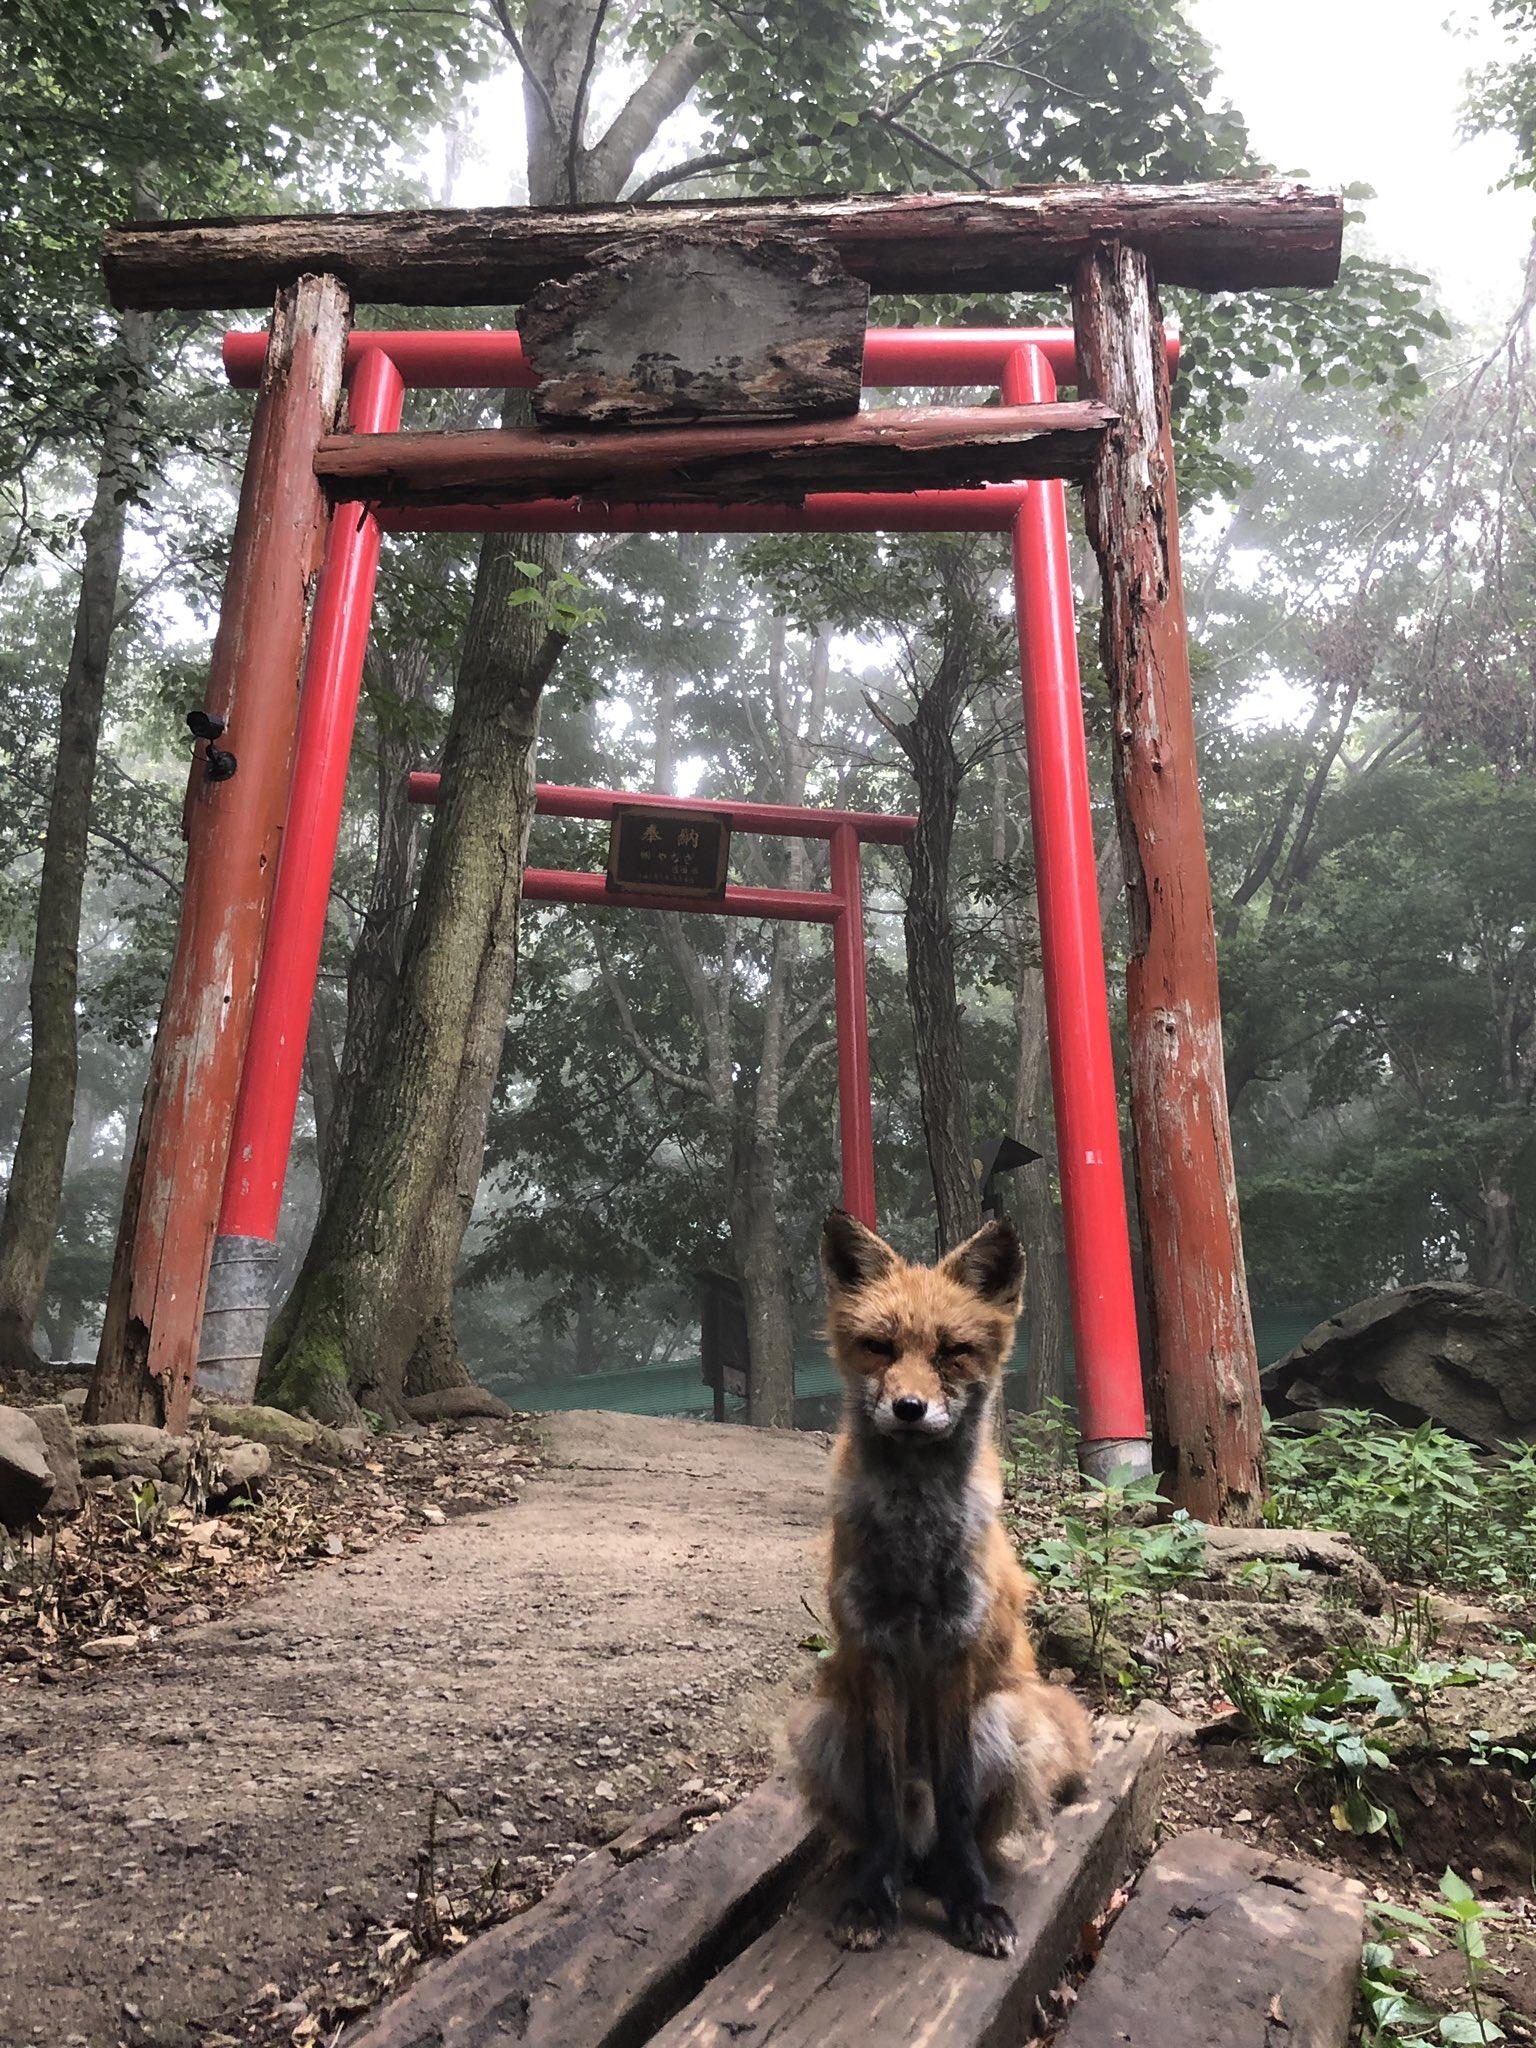 昨日の奇跡的な狐・稲荷神社・霧のコラボ。 狐さんは写真撮りやすいように角度変えていろんなポーズしてくれた。神。いや、神の使いか。